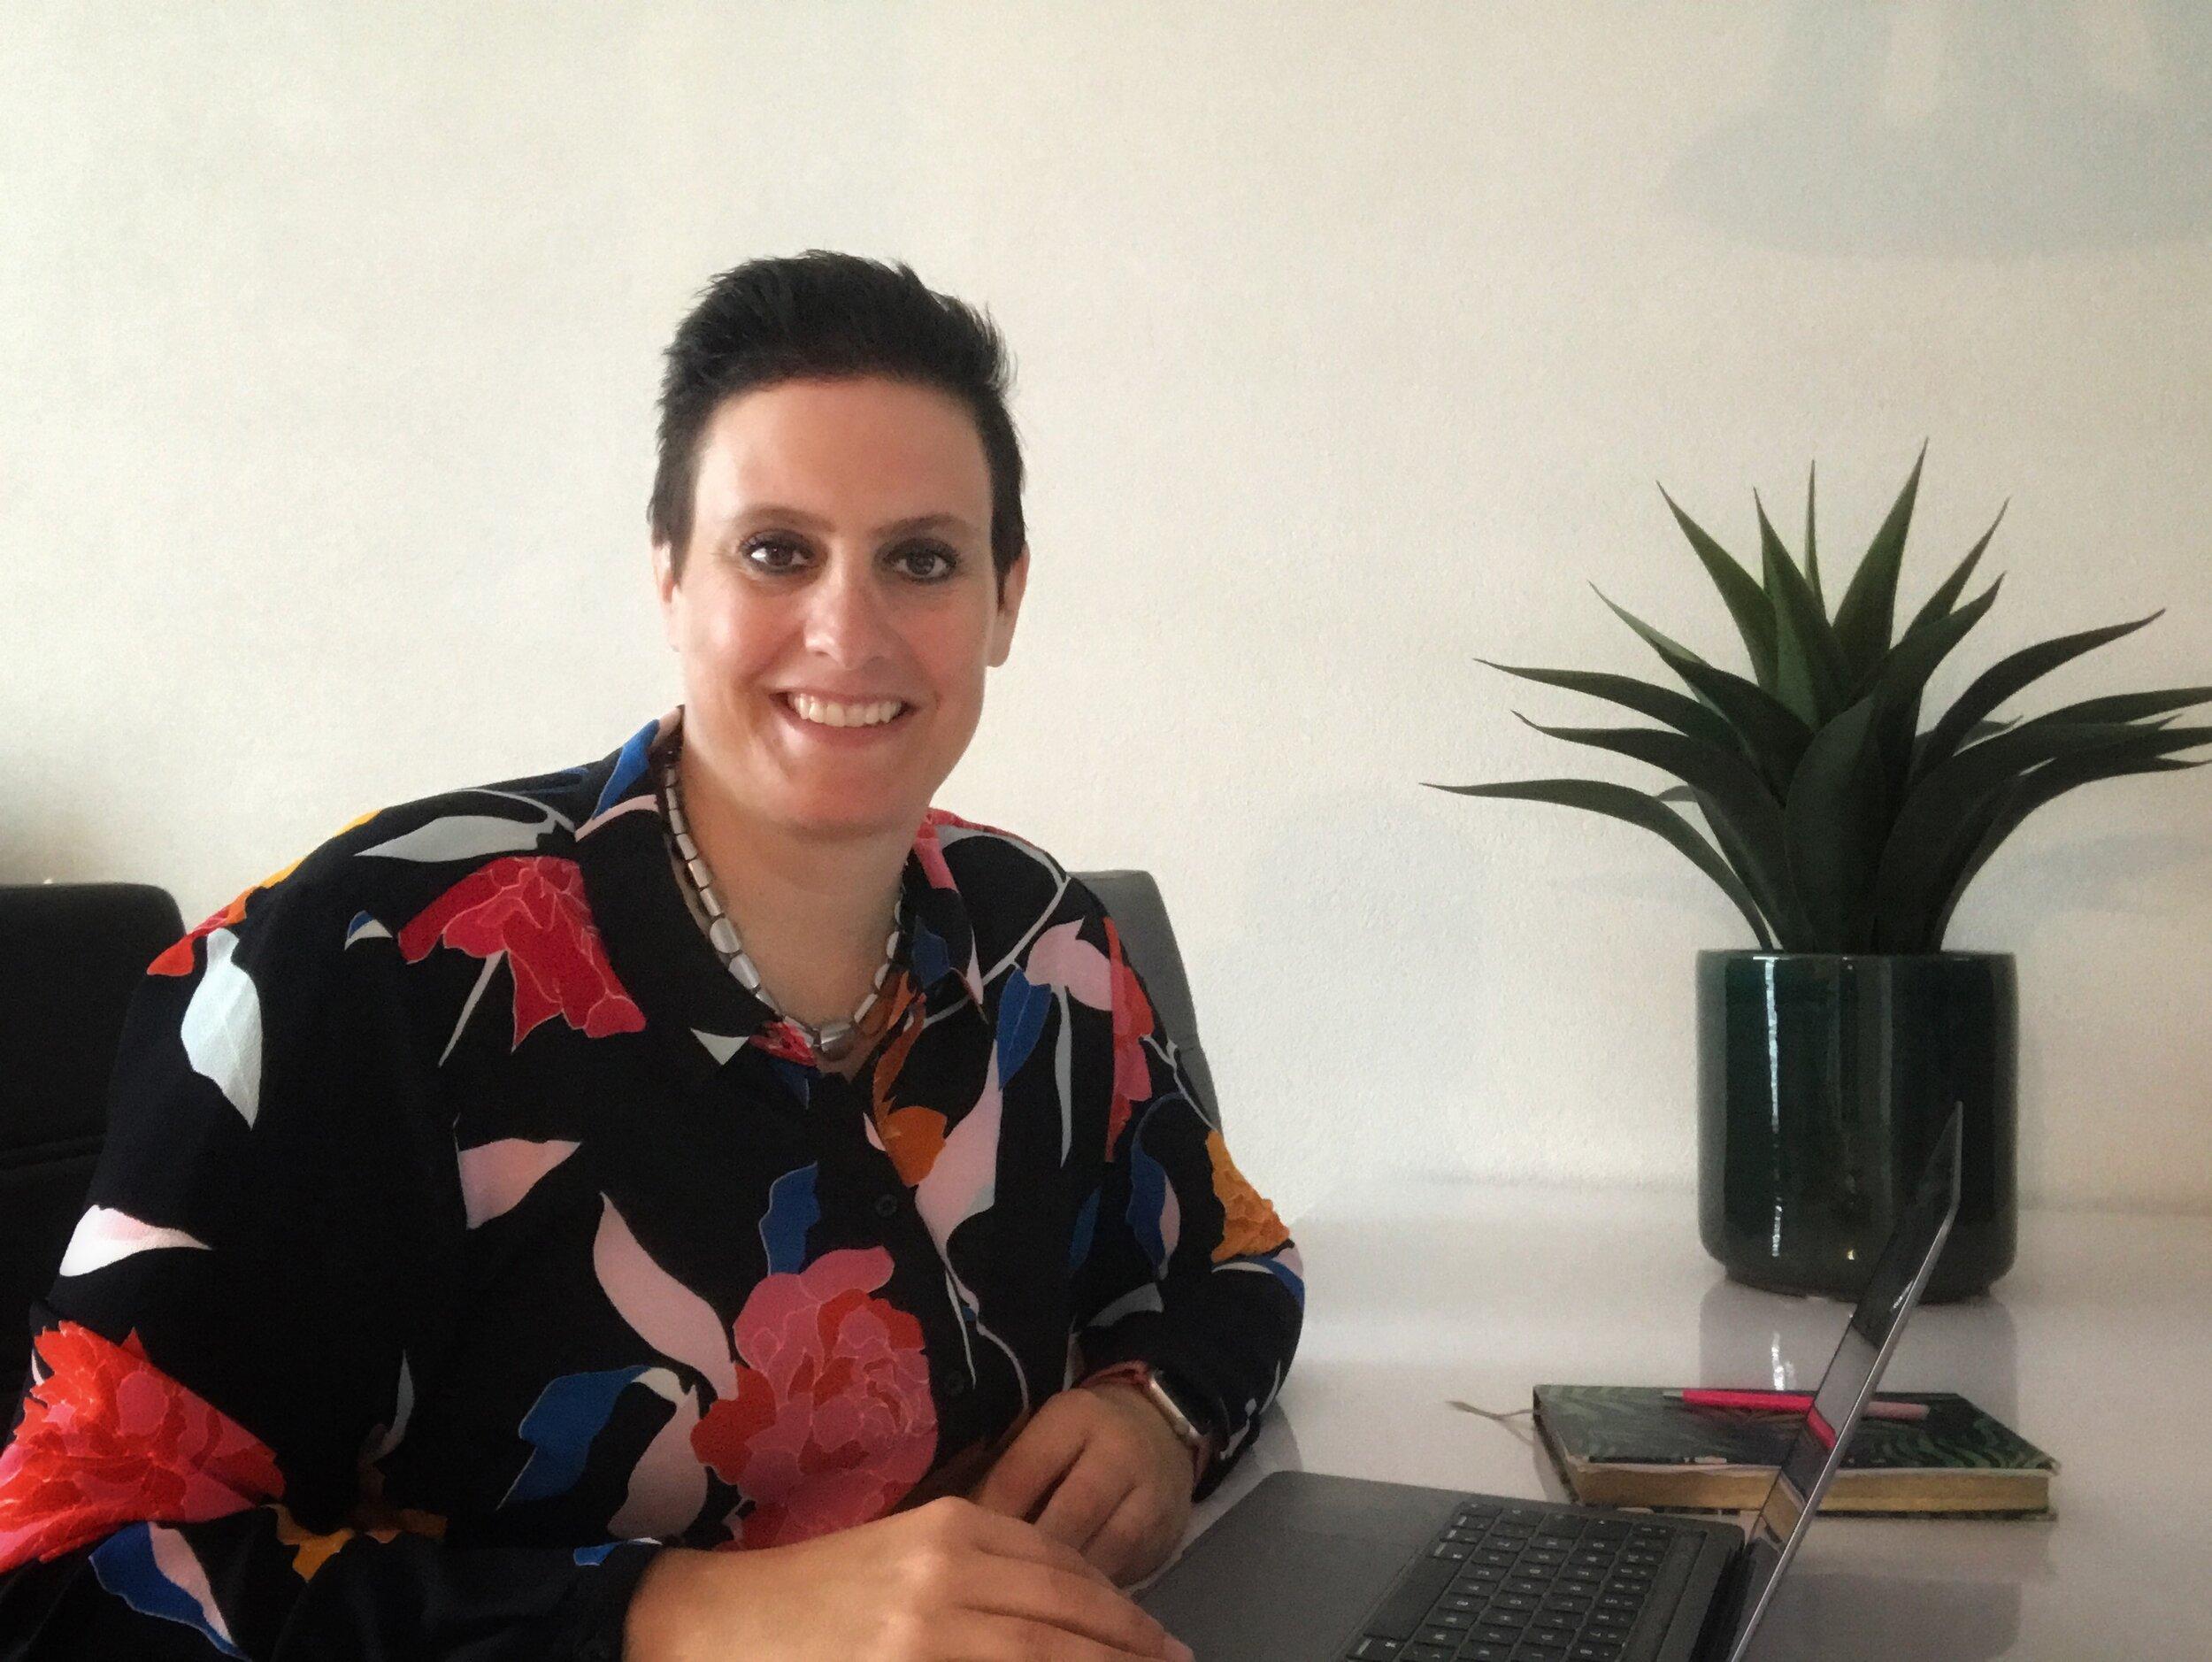 Astrid van der Laan, Bravery at work